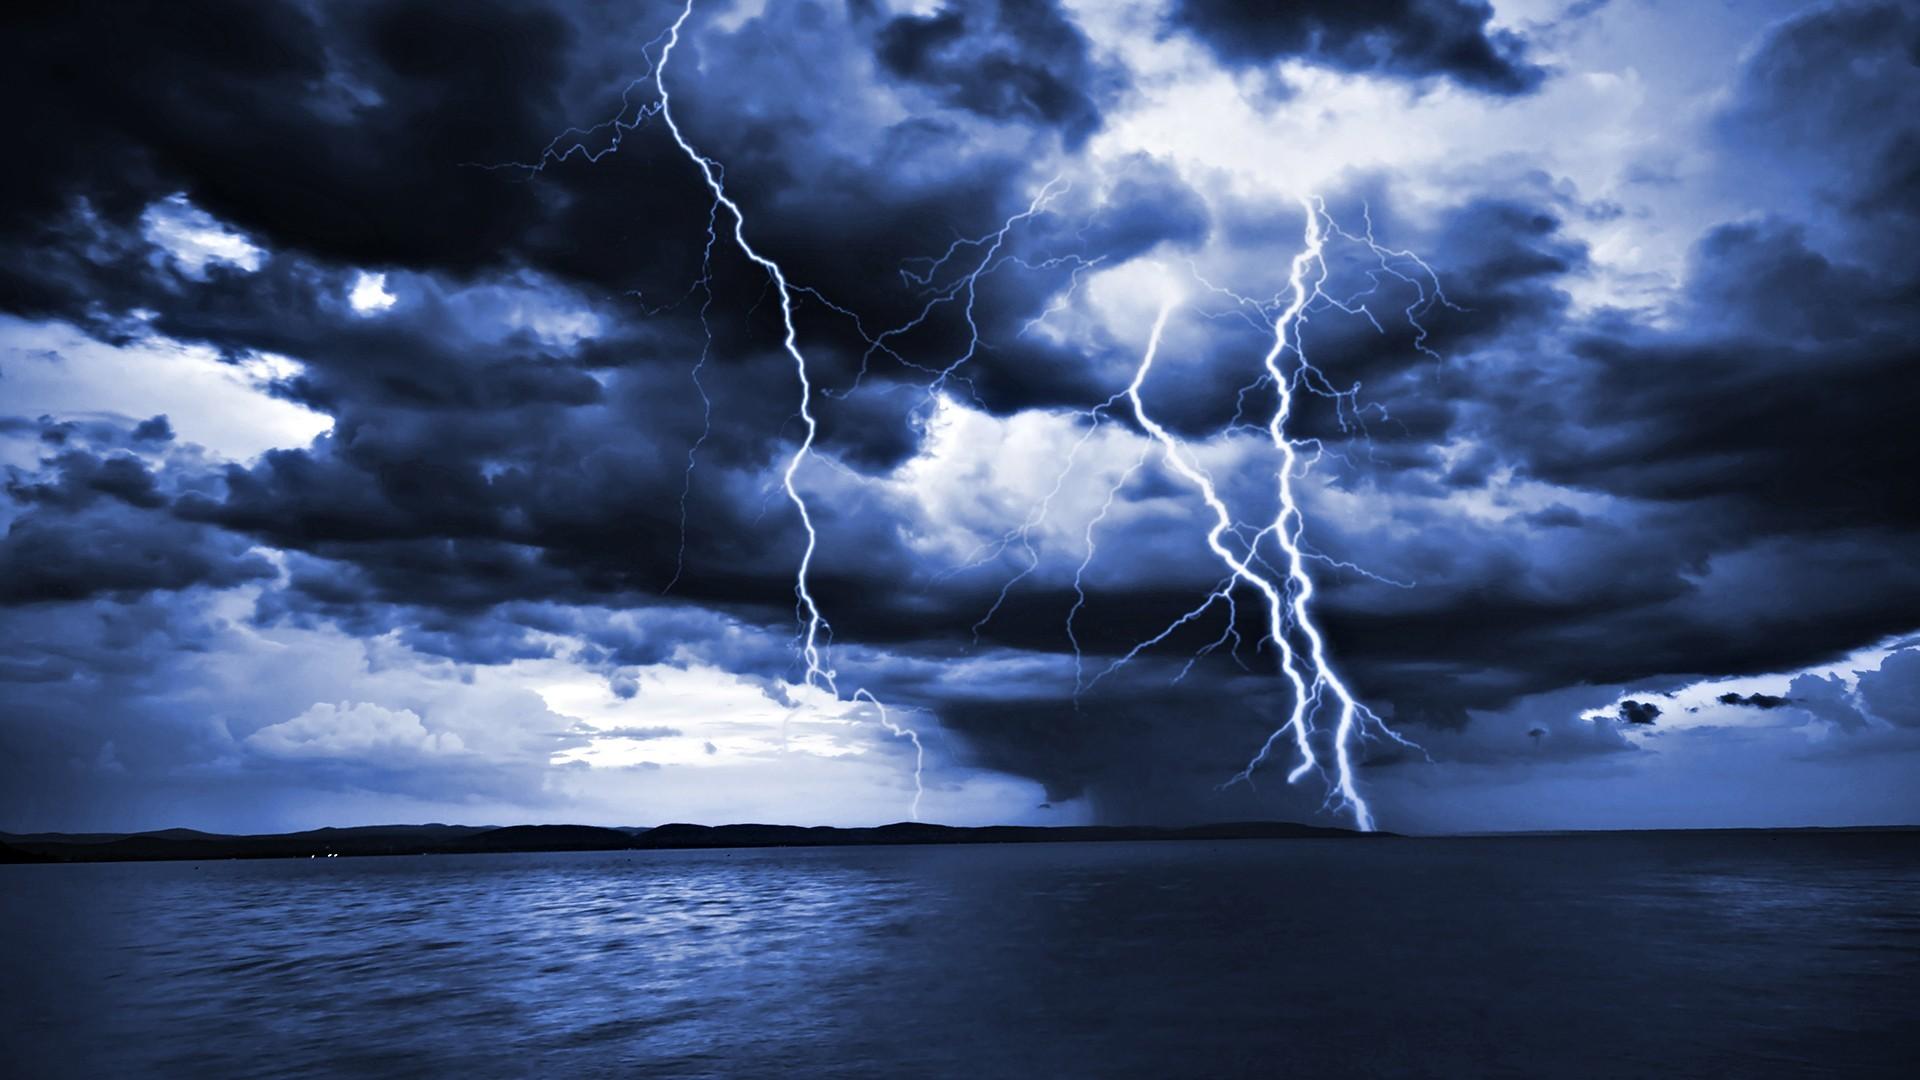 Storm High Definition Wallpaper – Wallpaper, High Definition, High .